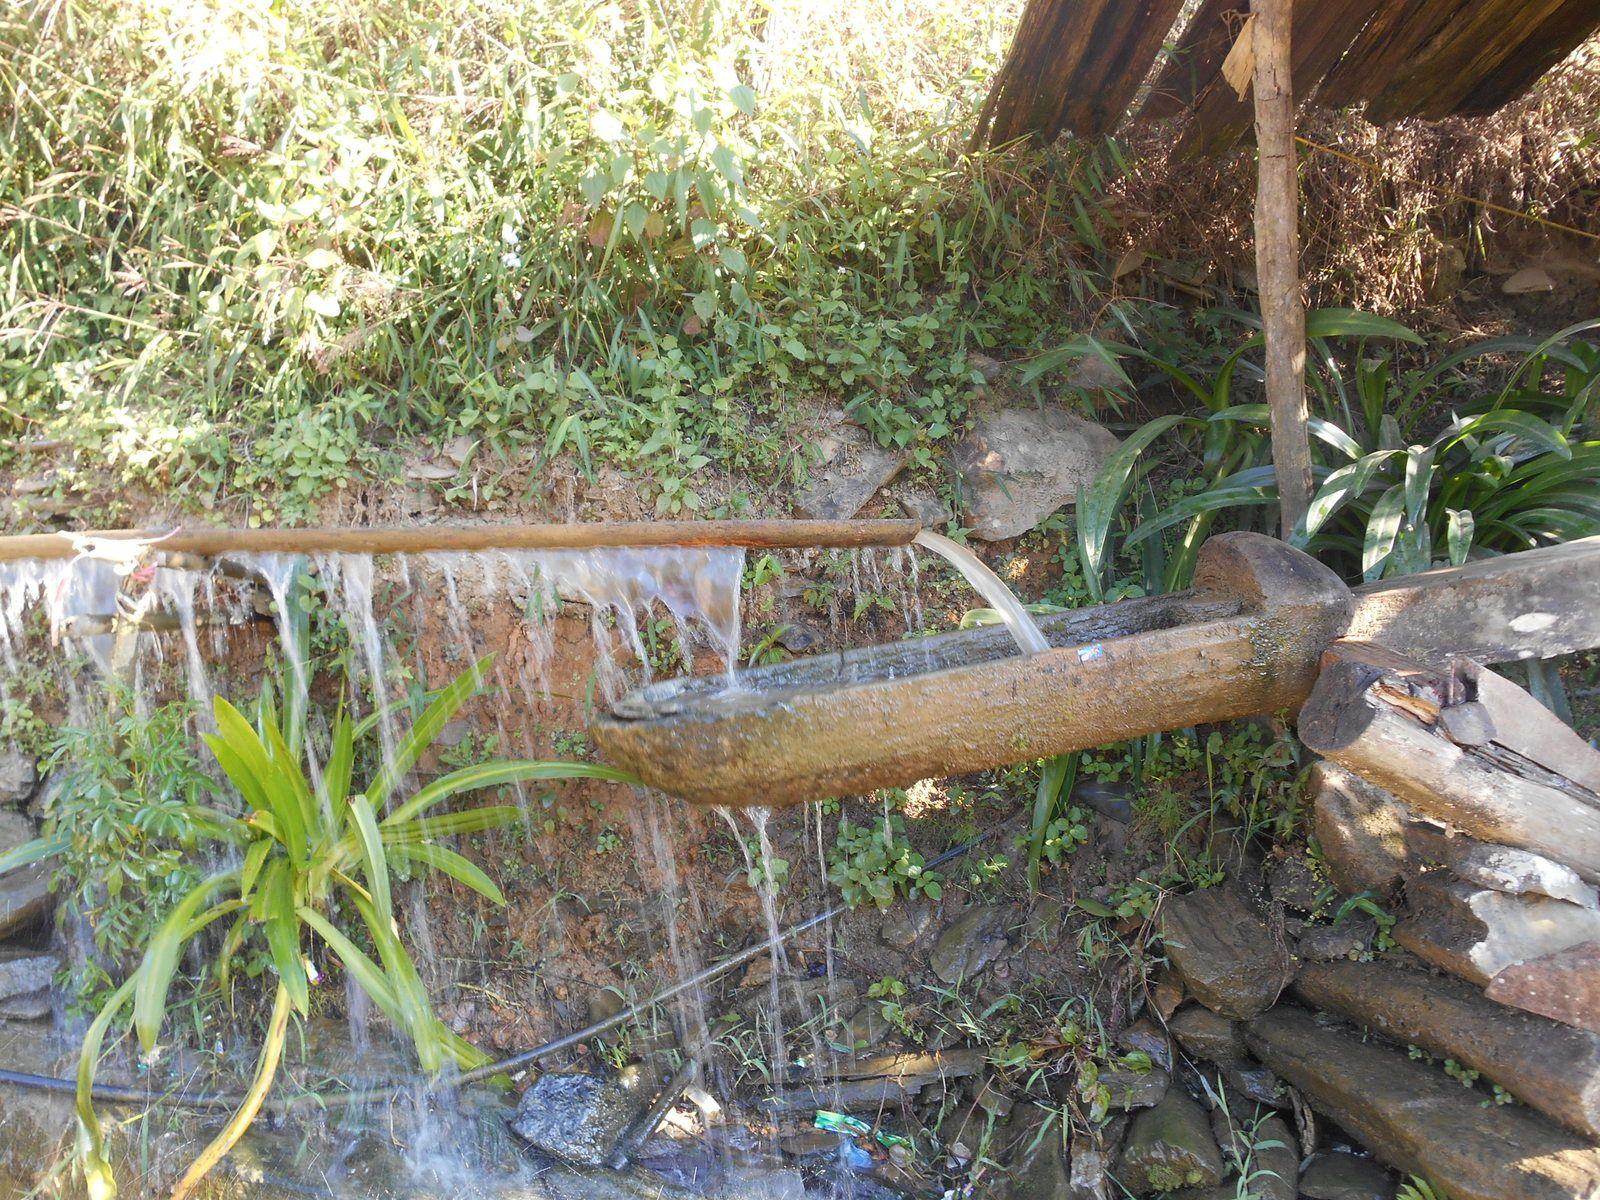 Système traditionnel servant à concasser le riz...